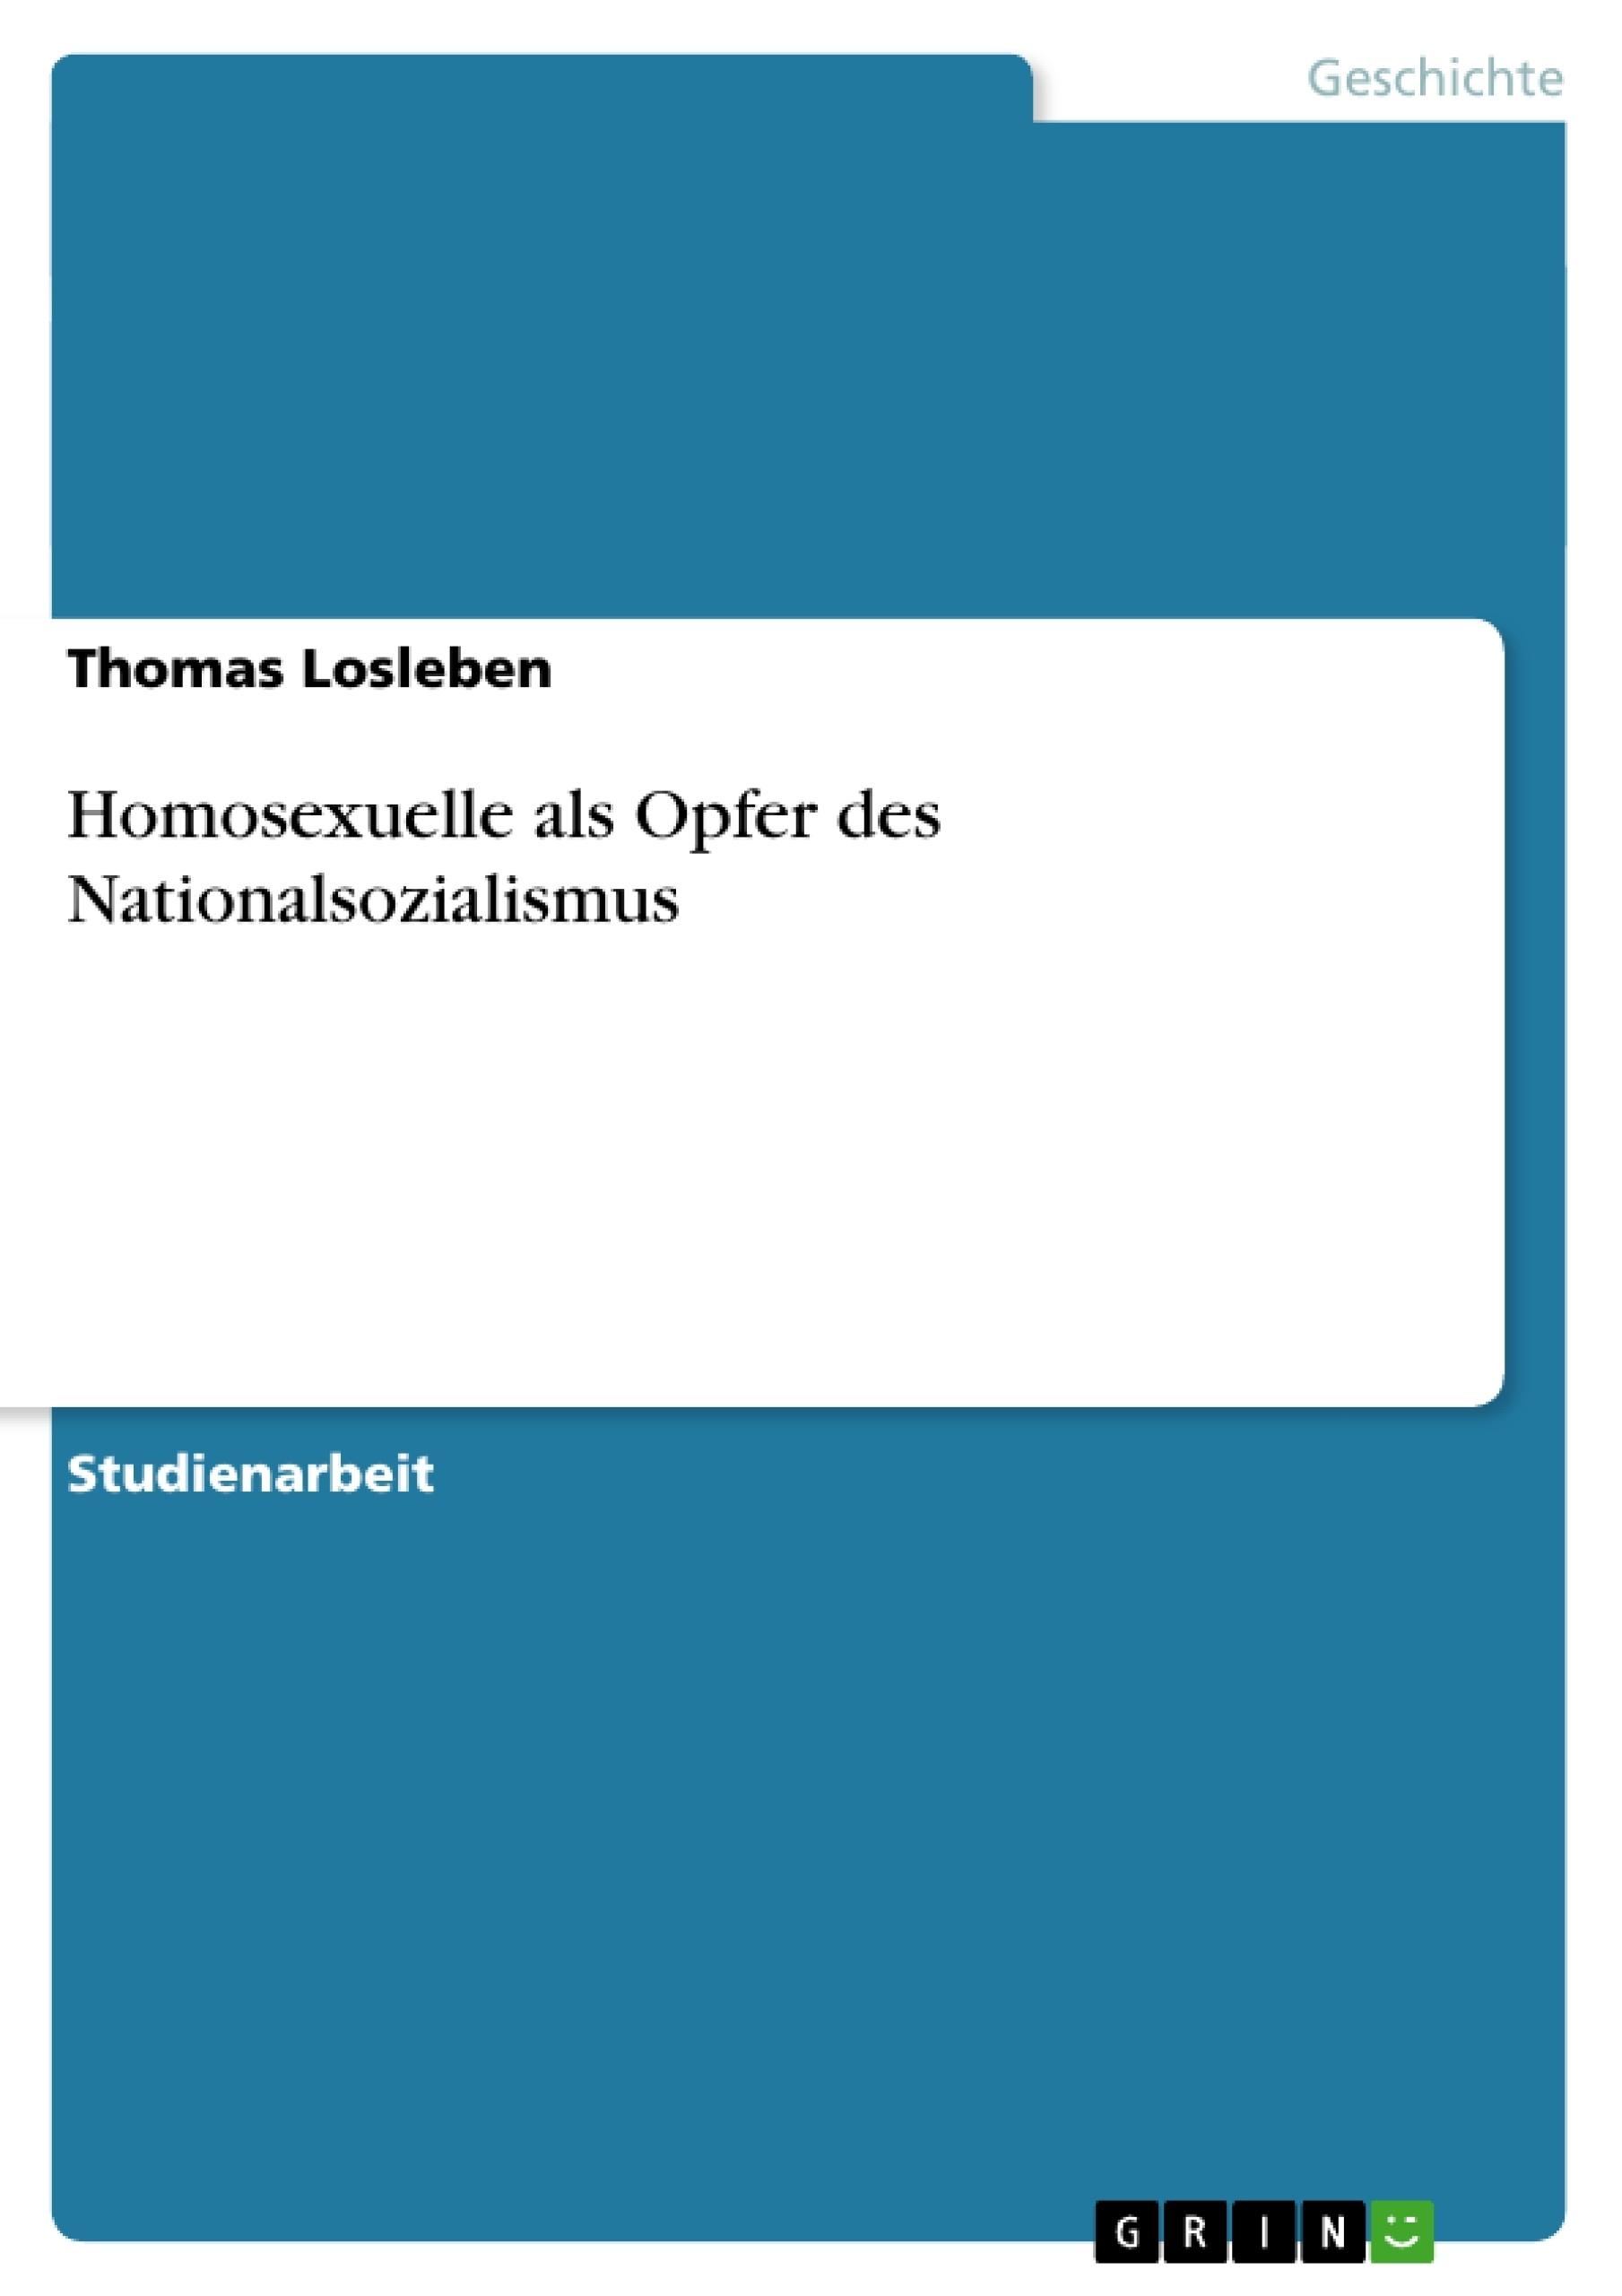 Titel: Homosexuelle als Opfer des Nationalsozialismus